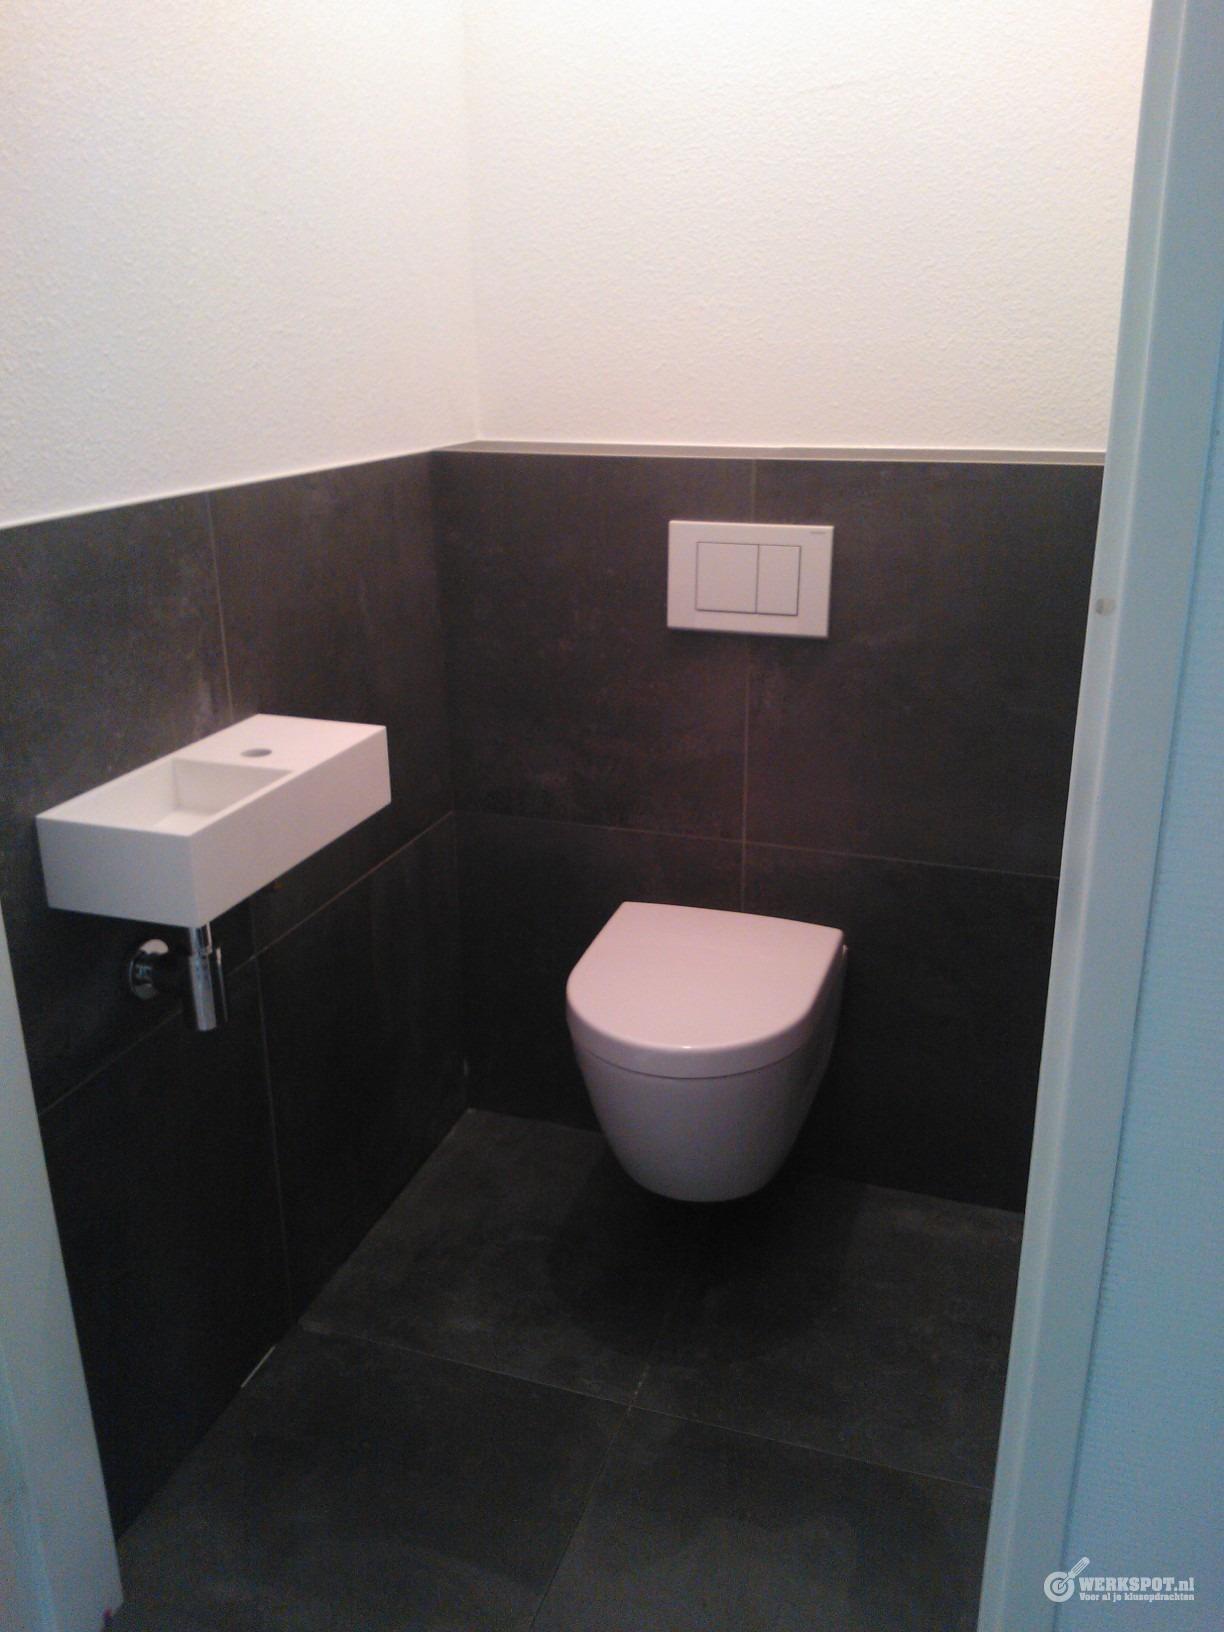 installeren van badkamer en toilet assen werkspot